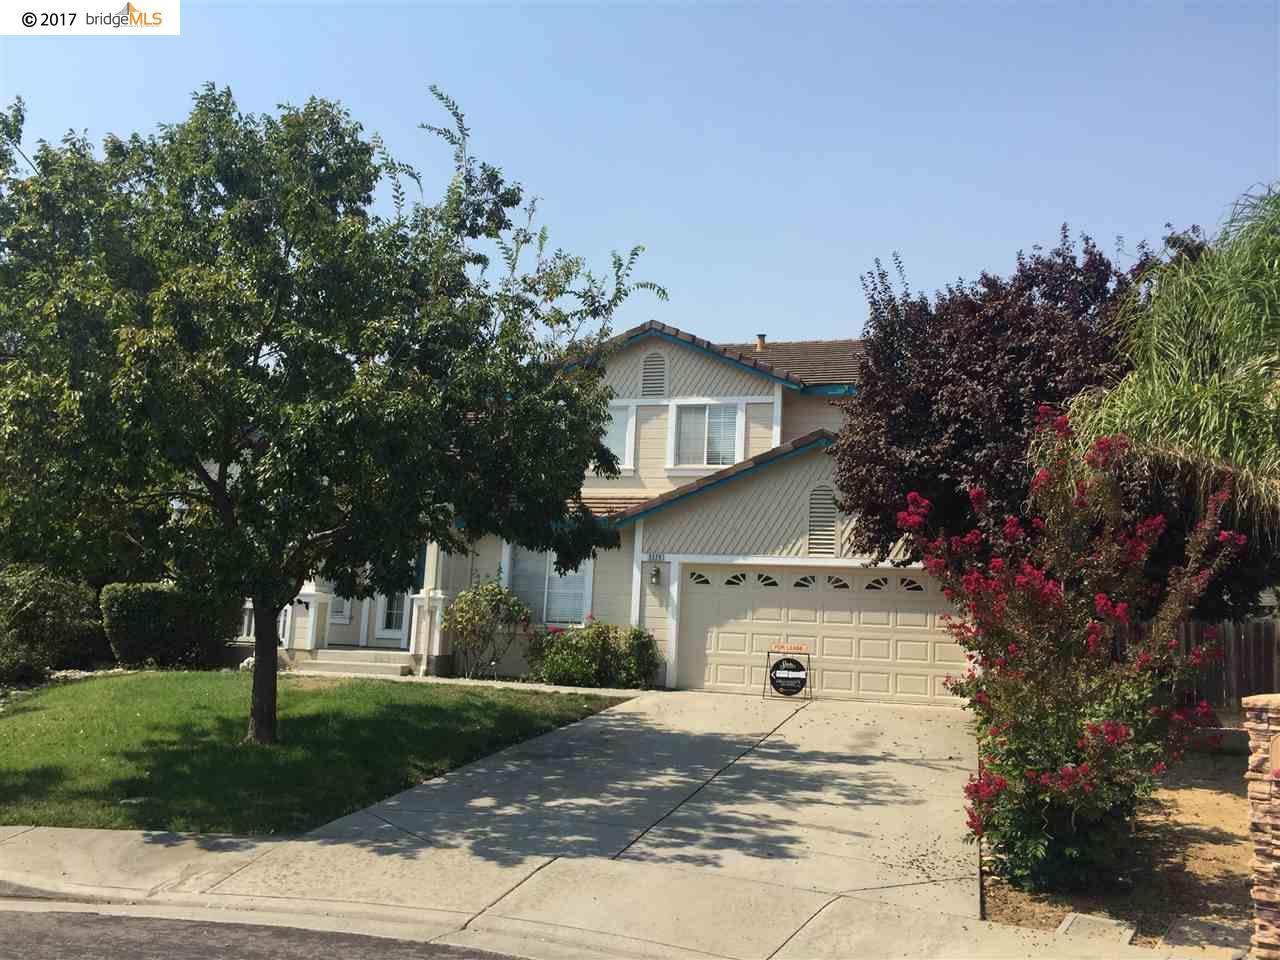 Частный односемейный дом для того Аренда на 5220 CHINOOK Court 5220 CHINOOK Court Antioch, Калифорния 94531 Соединенные Штаты